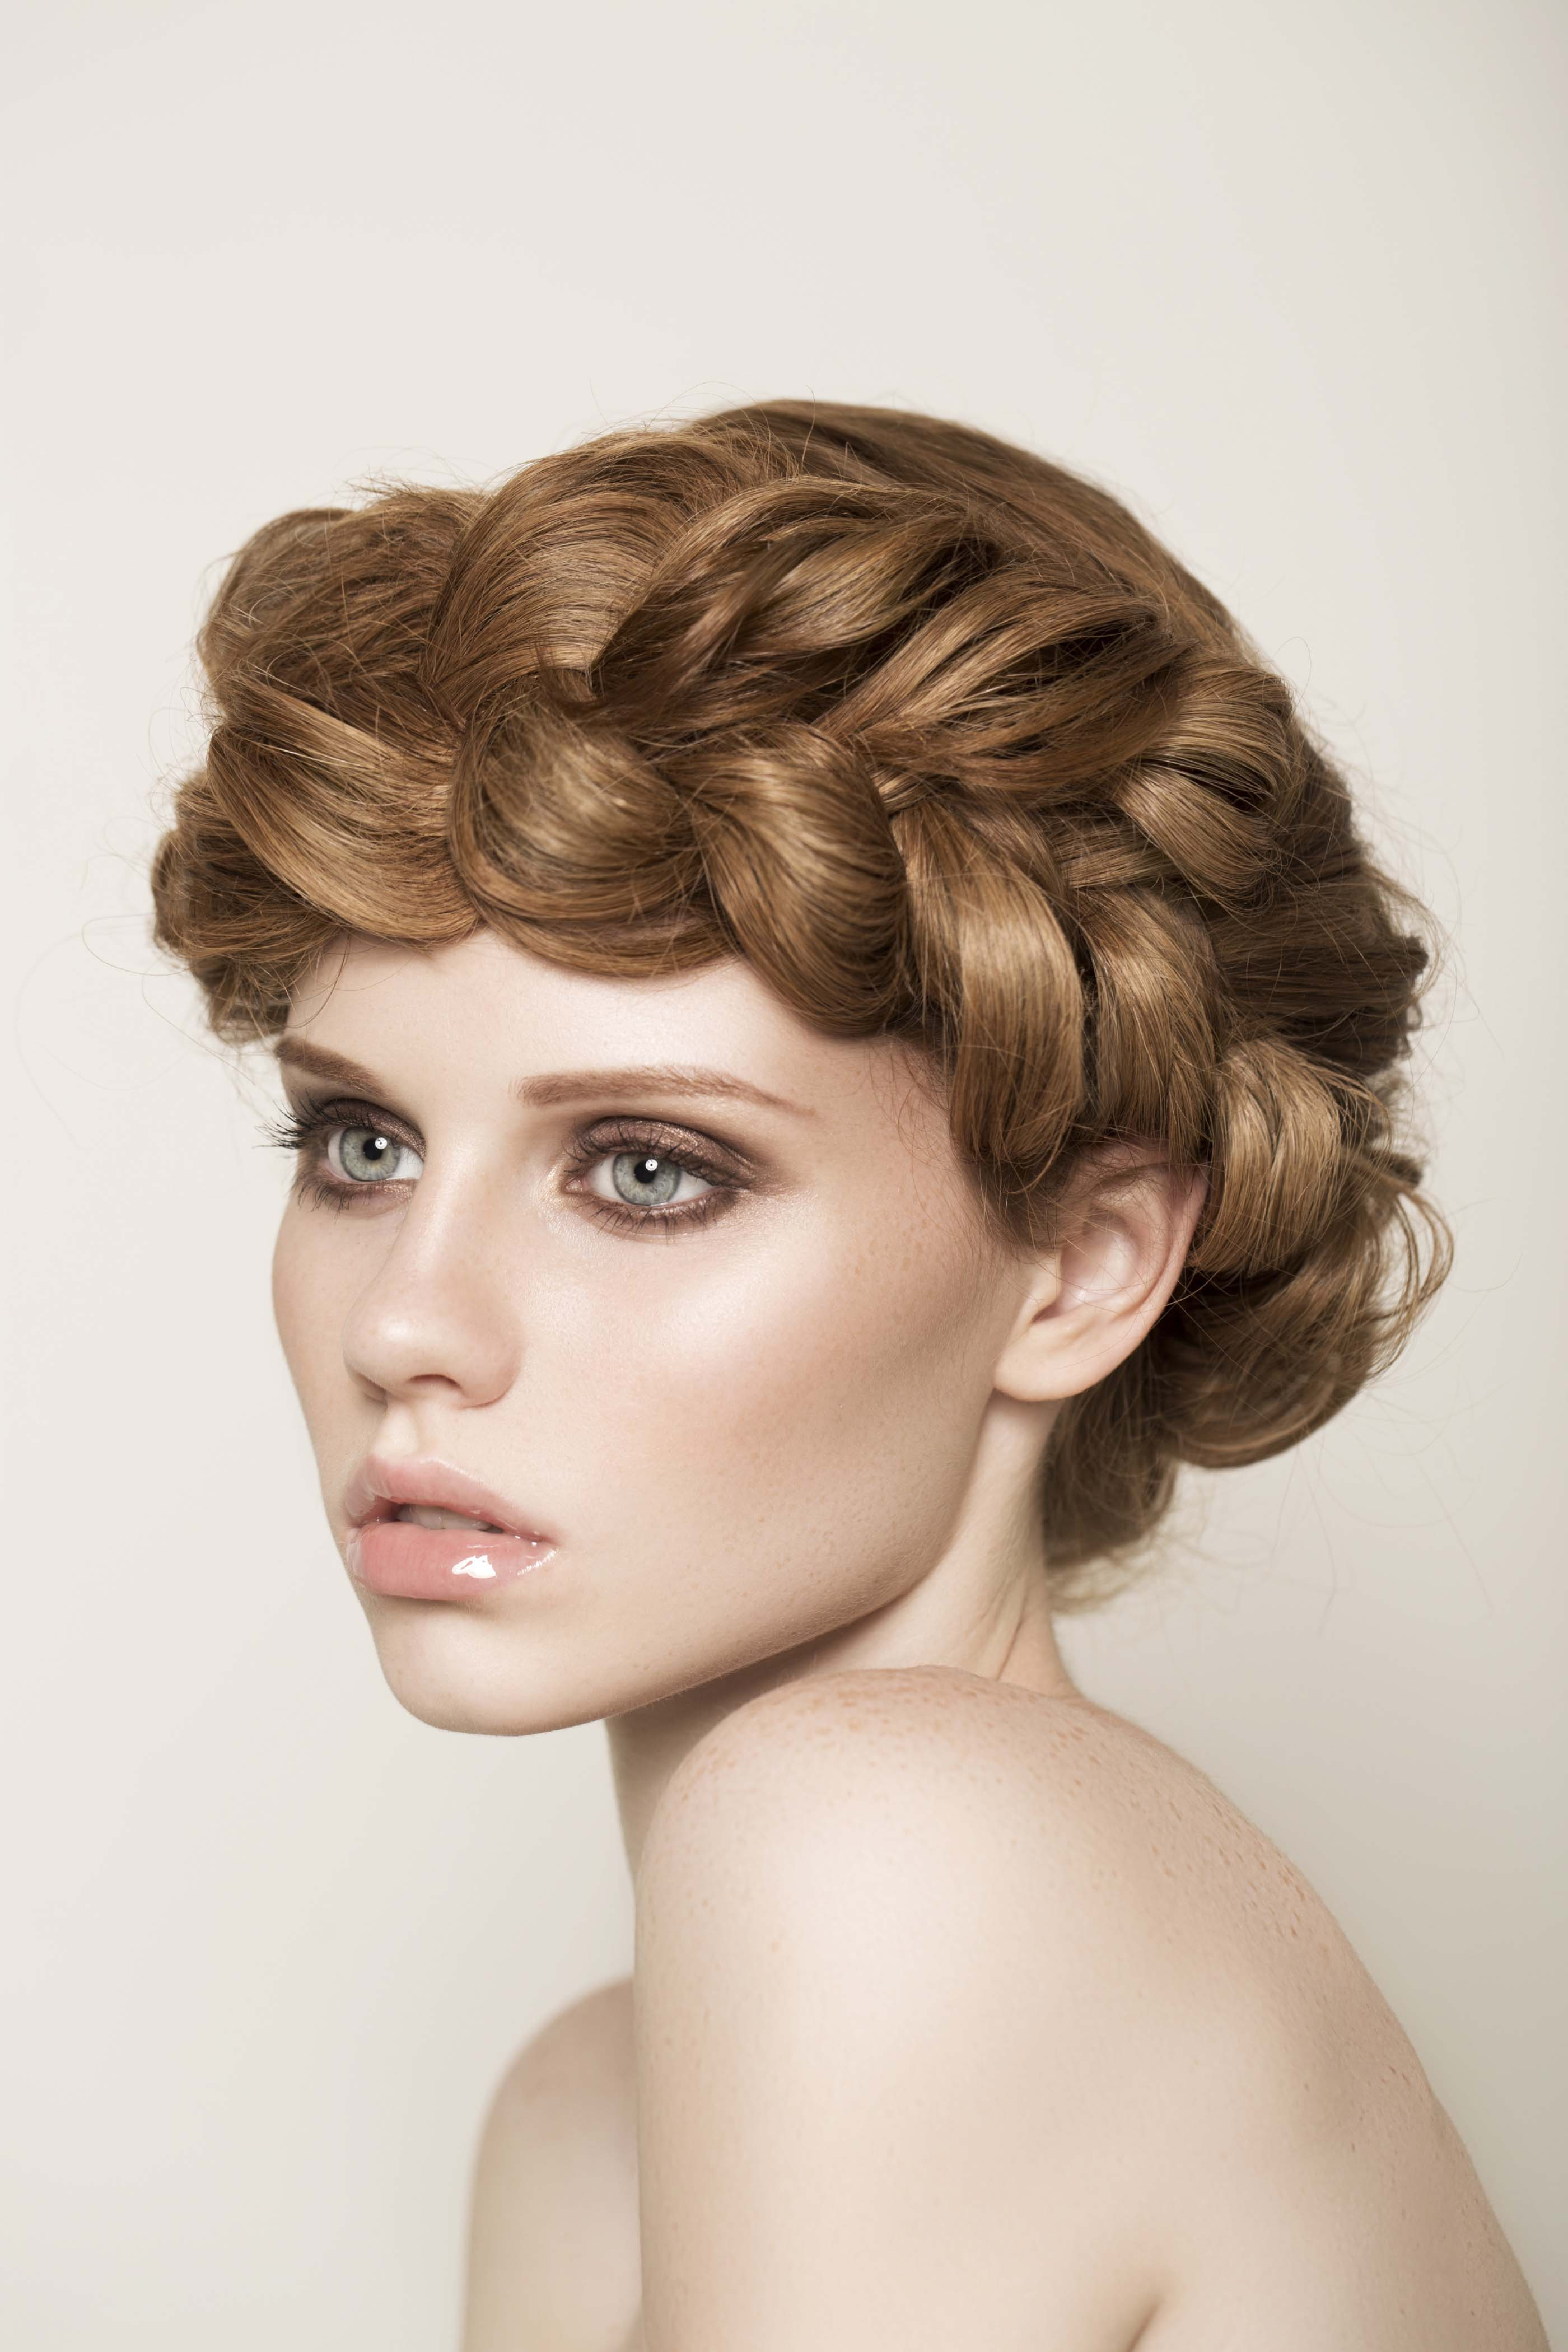 Chica de pelo bronde con corona de trenza